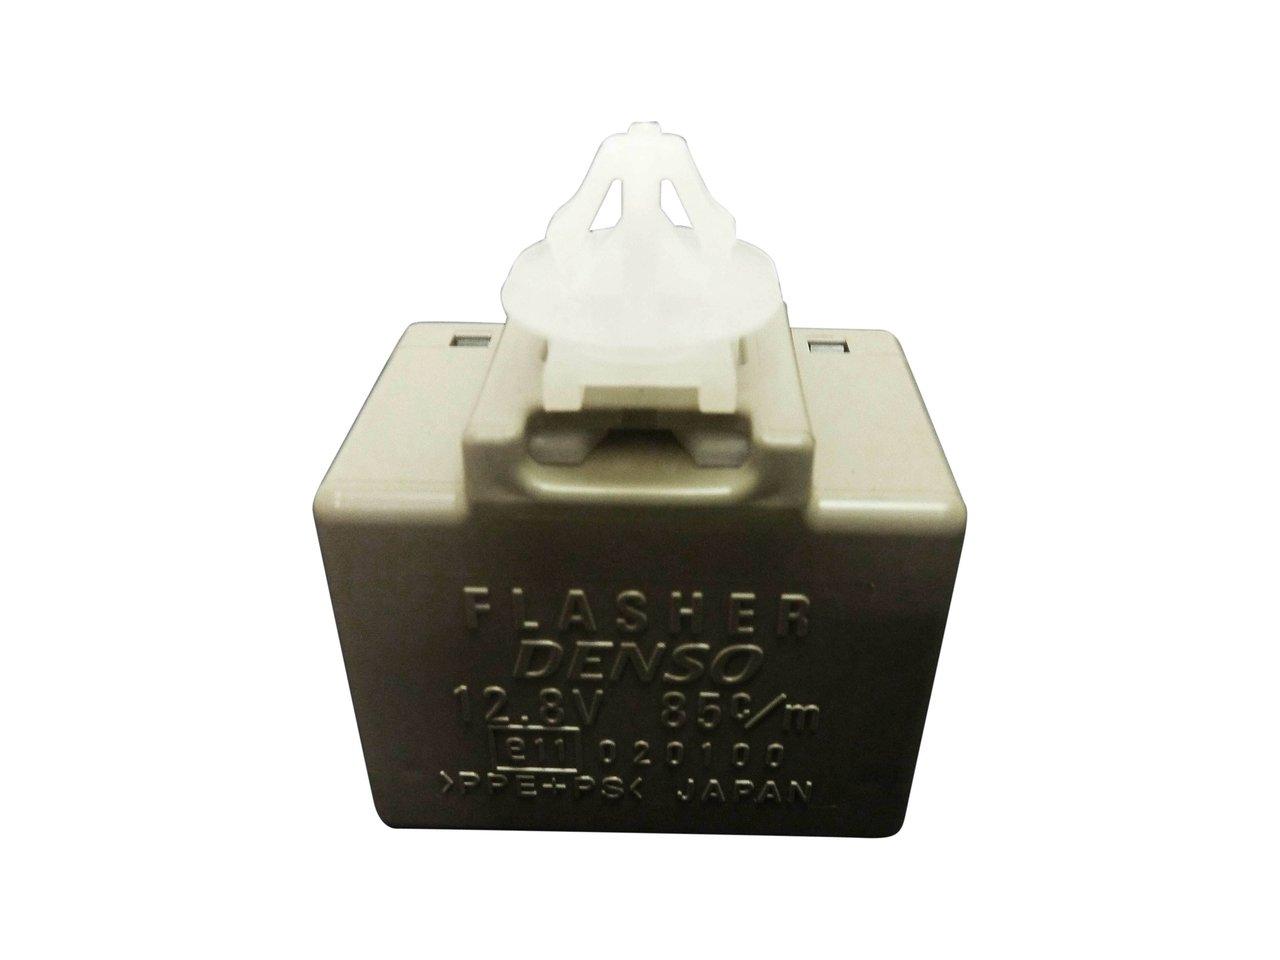 220 Breaker Box Wiring Diagram As Well As 50 Rv Plug Wiring Diagram In